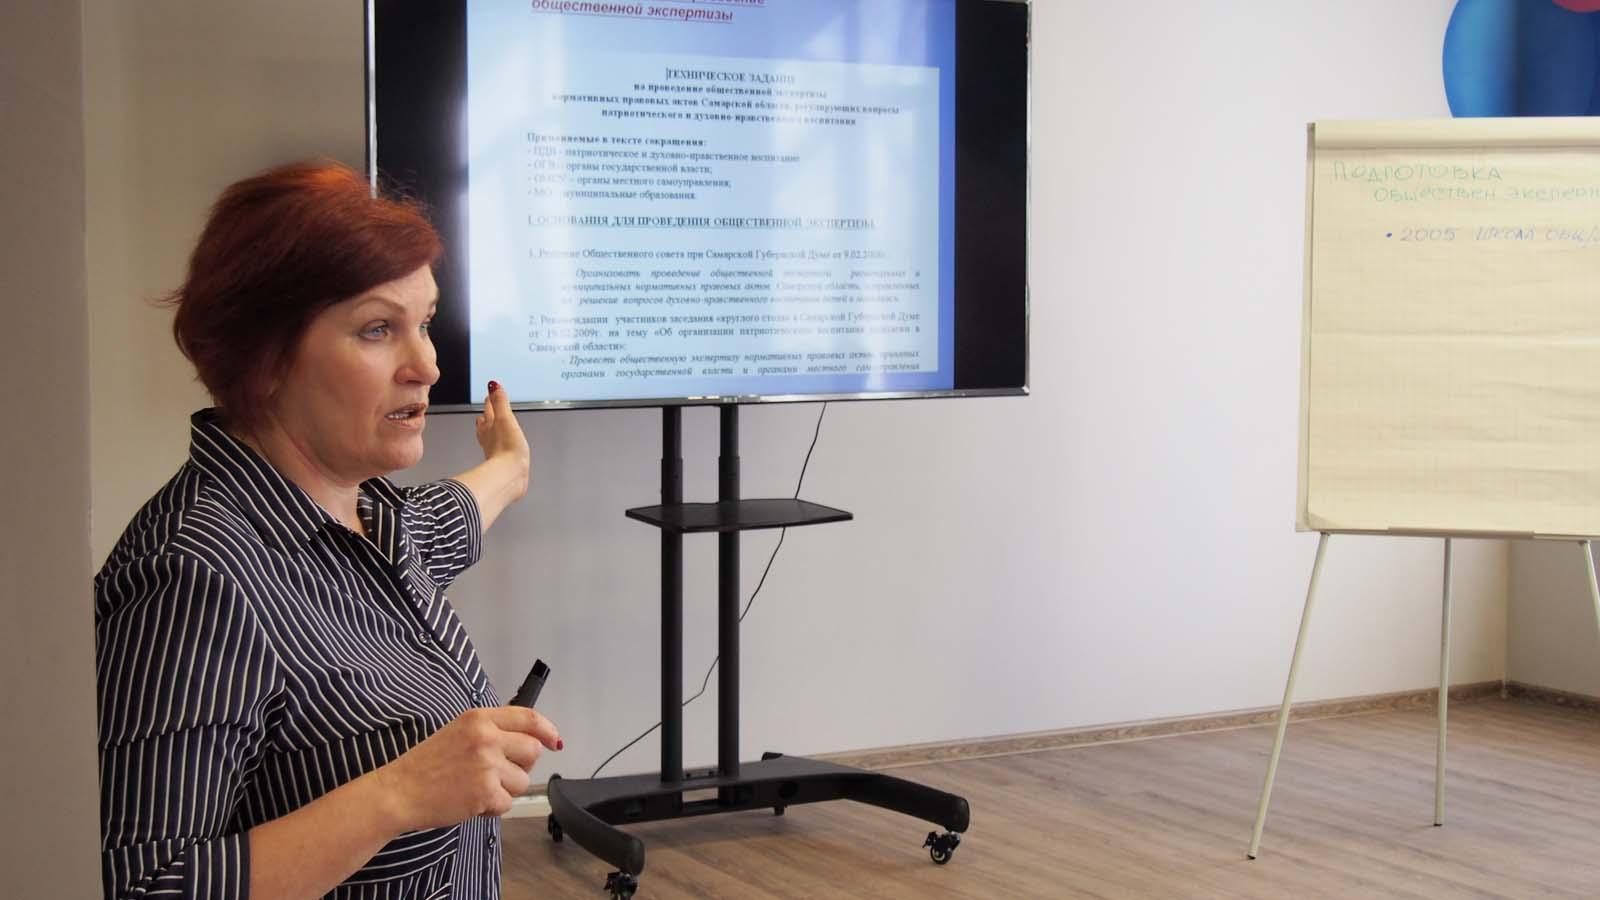 Региональная конференция оценщиков социальных проектов и программ, 10.03.20